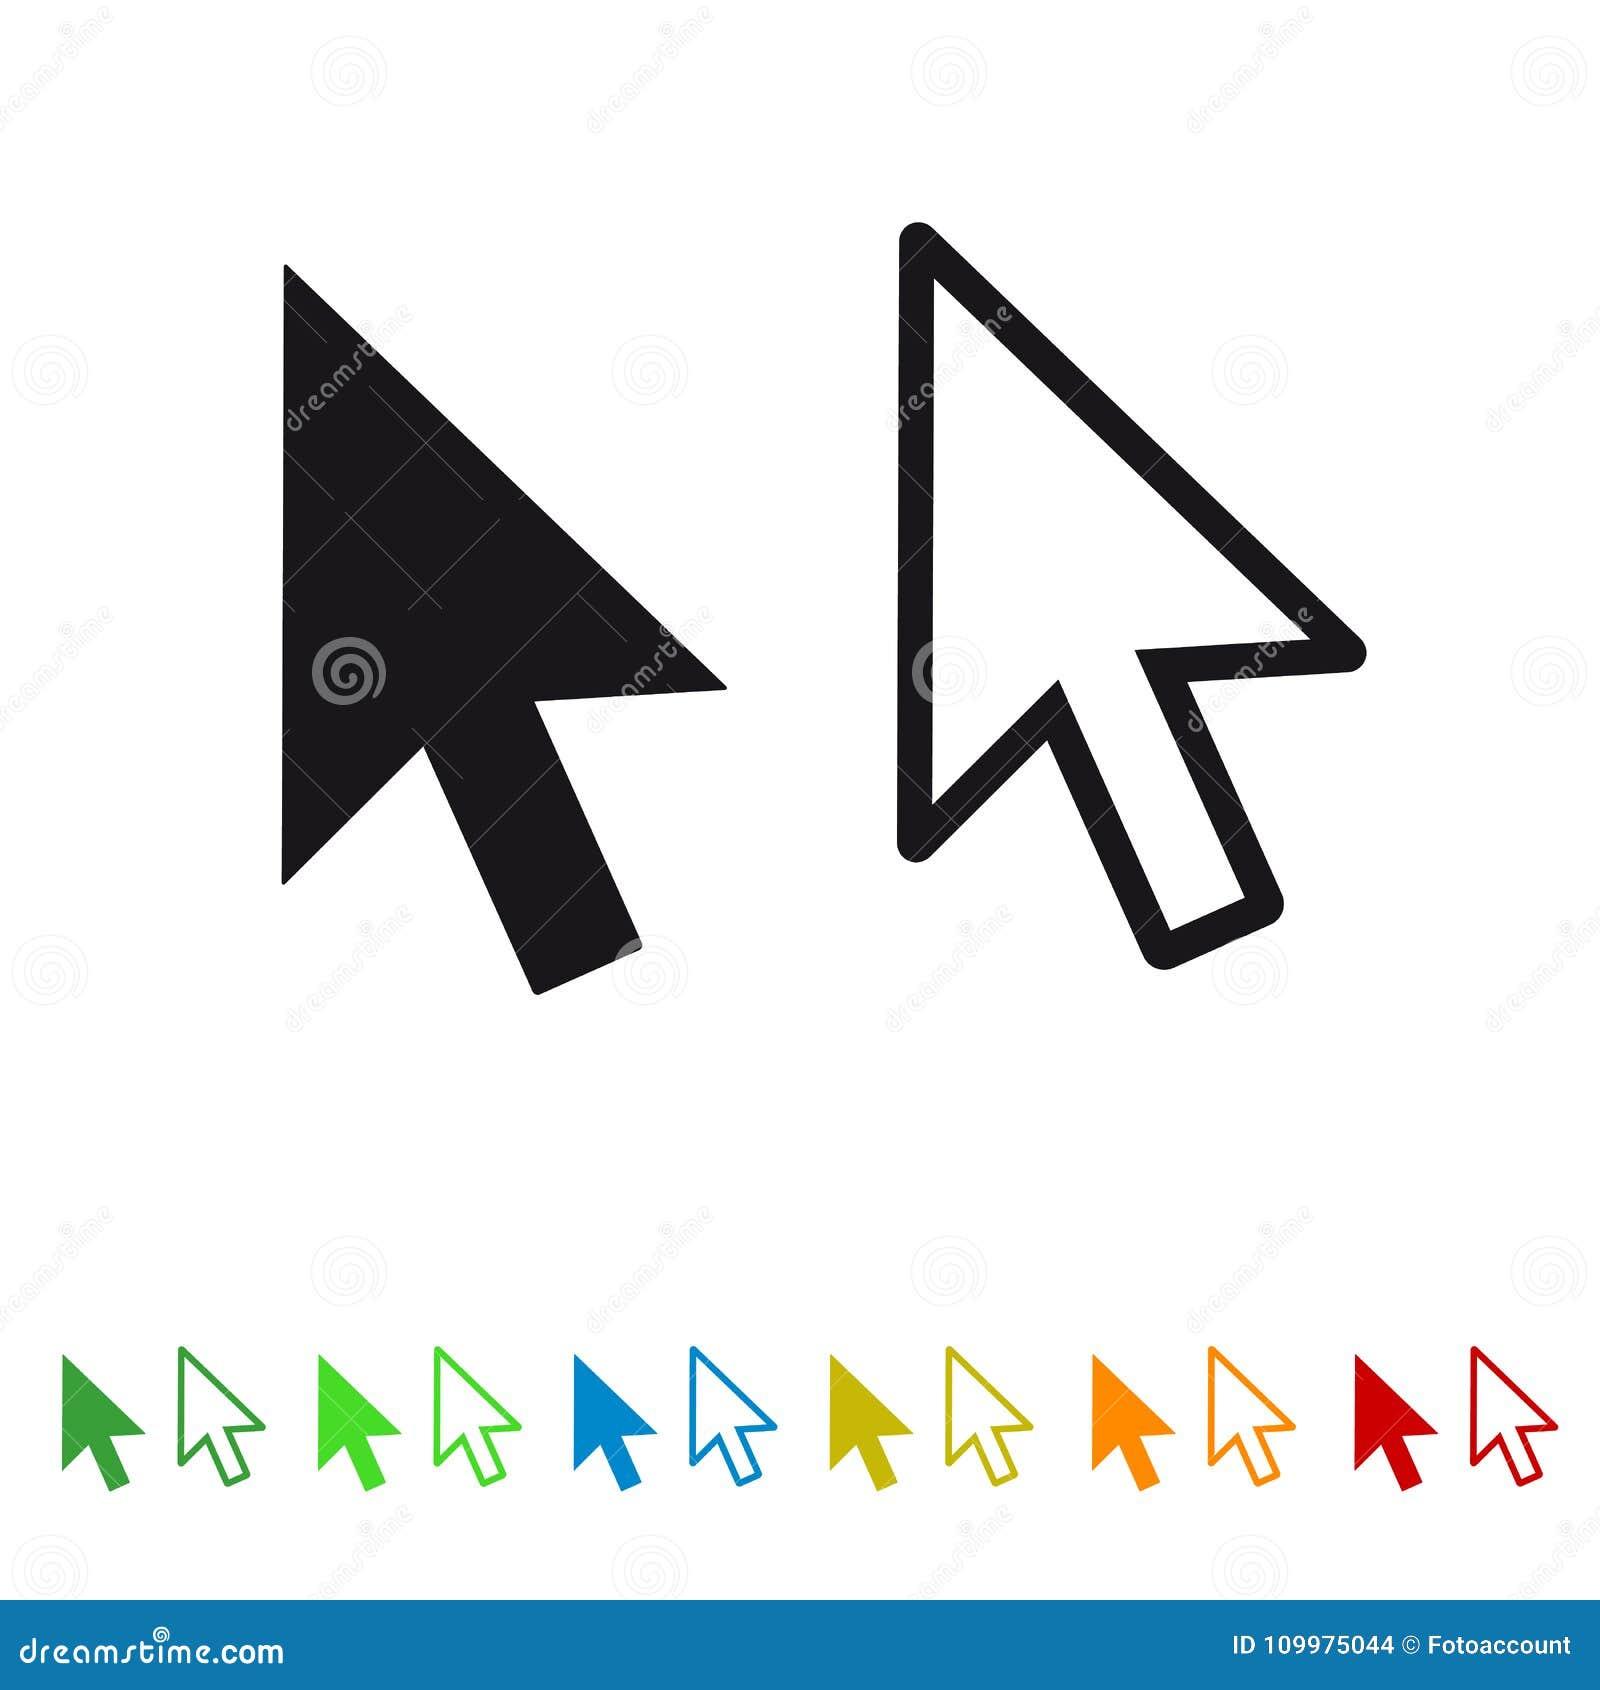 Flecha del indicador del clic del ratón del ordenador - icono plano para Apps y los sitios web